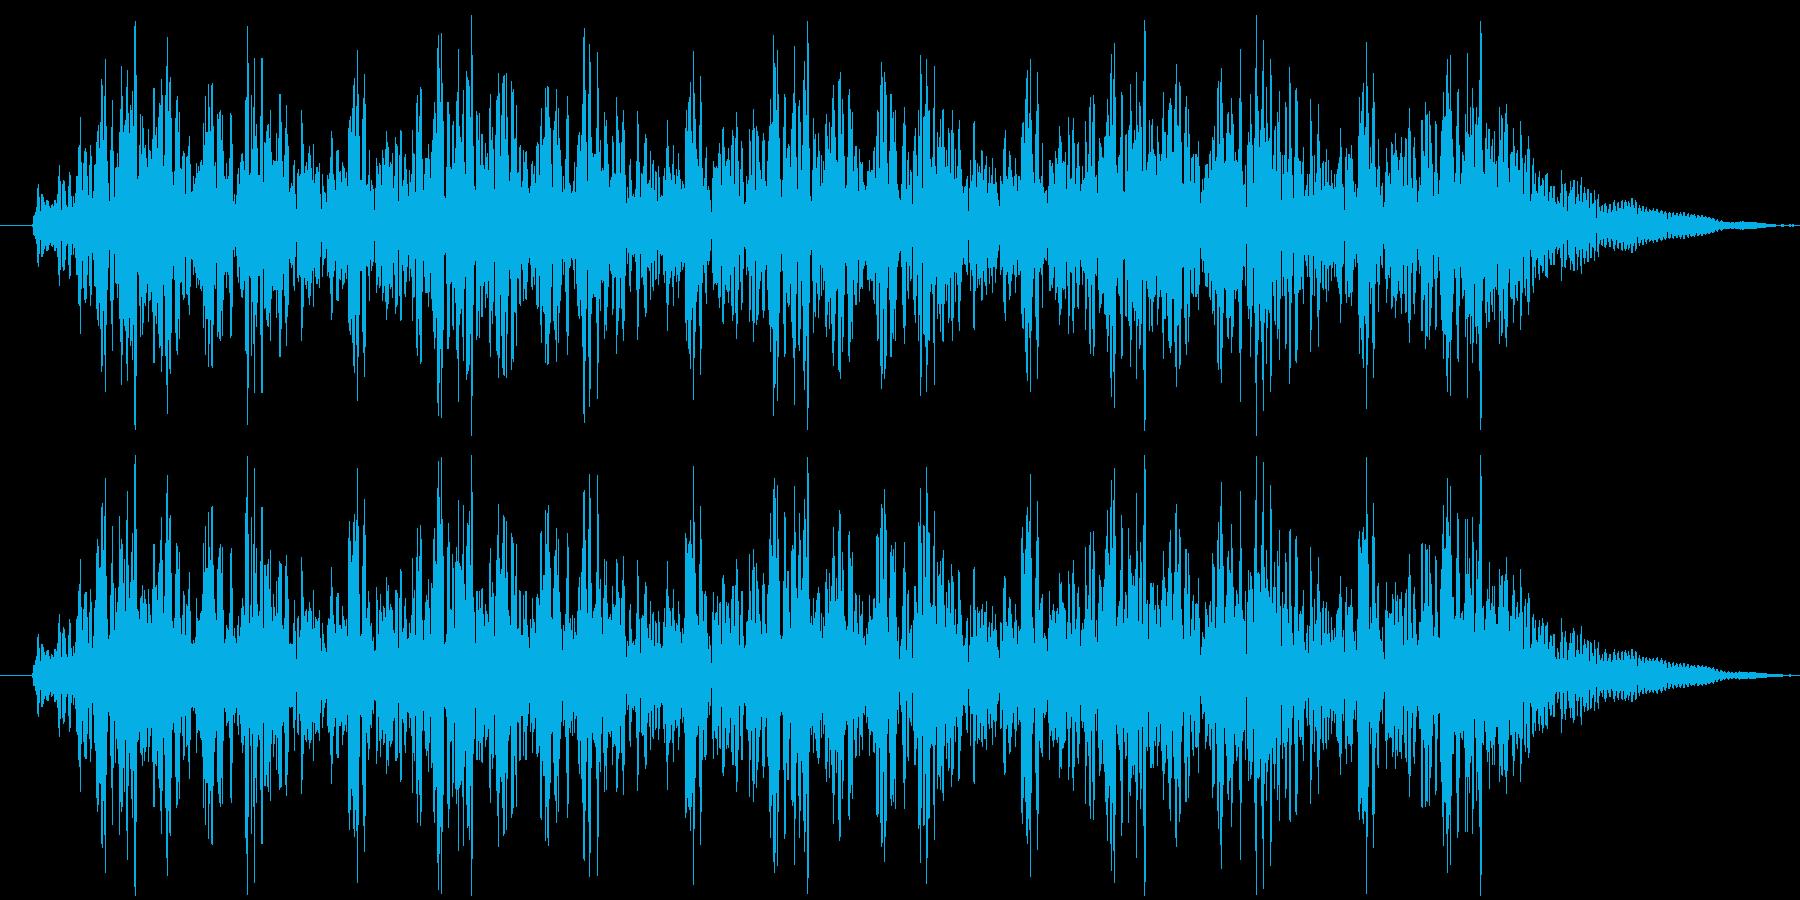 っとととドンドンドンドンの再生済みの波形